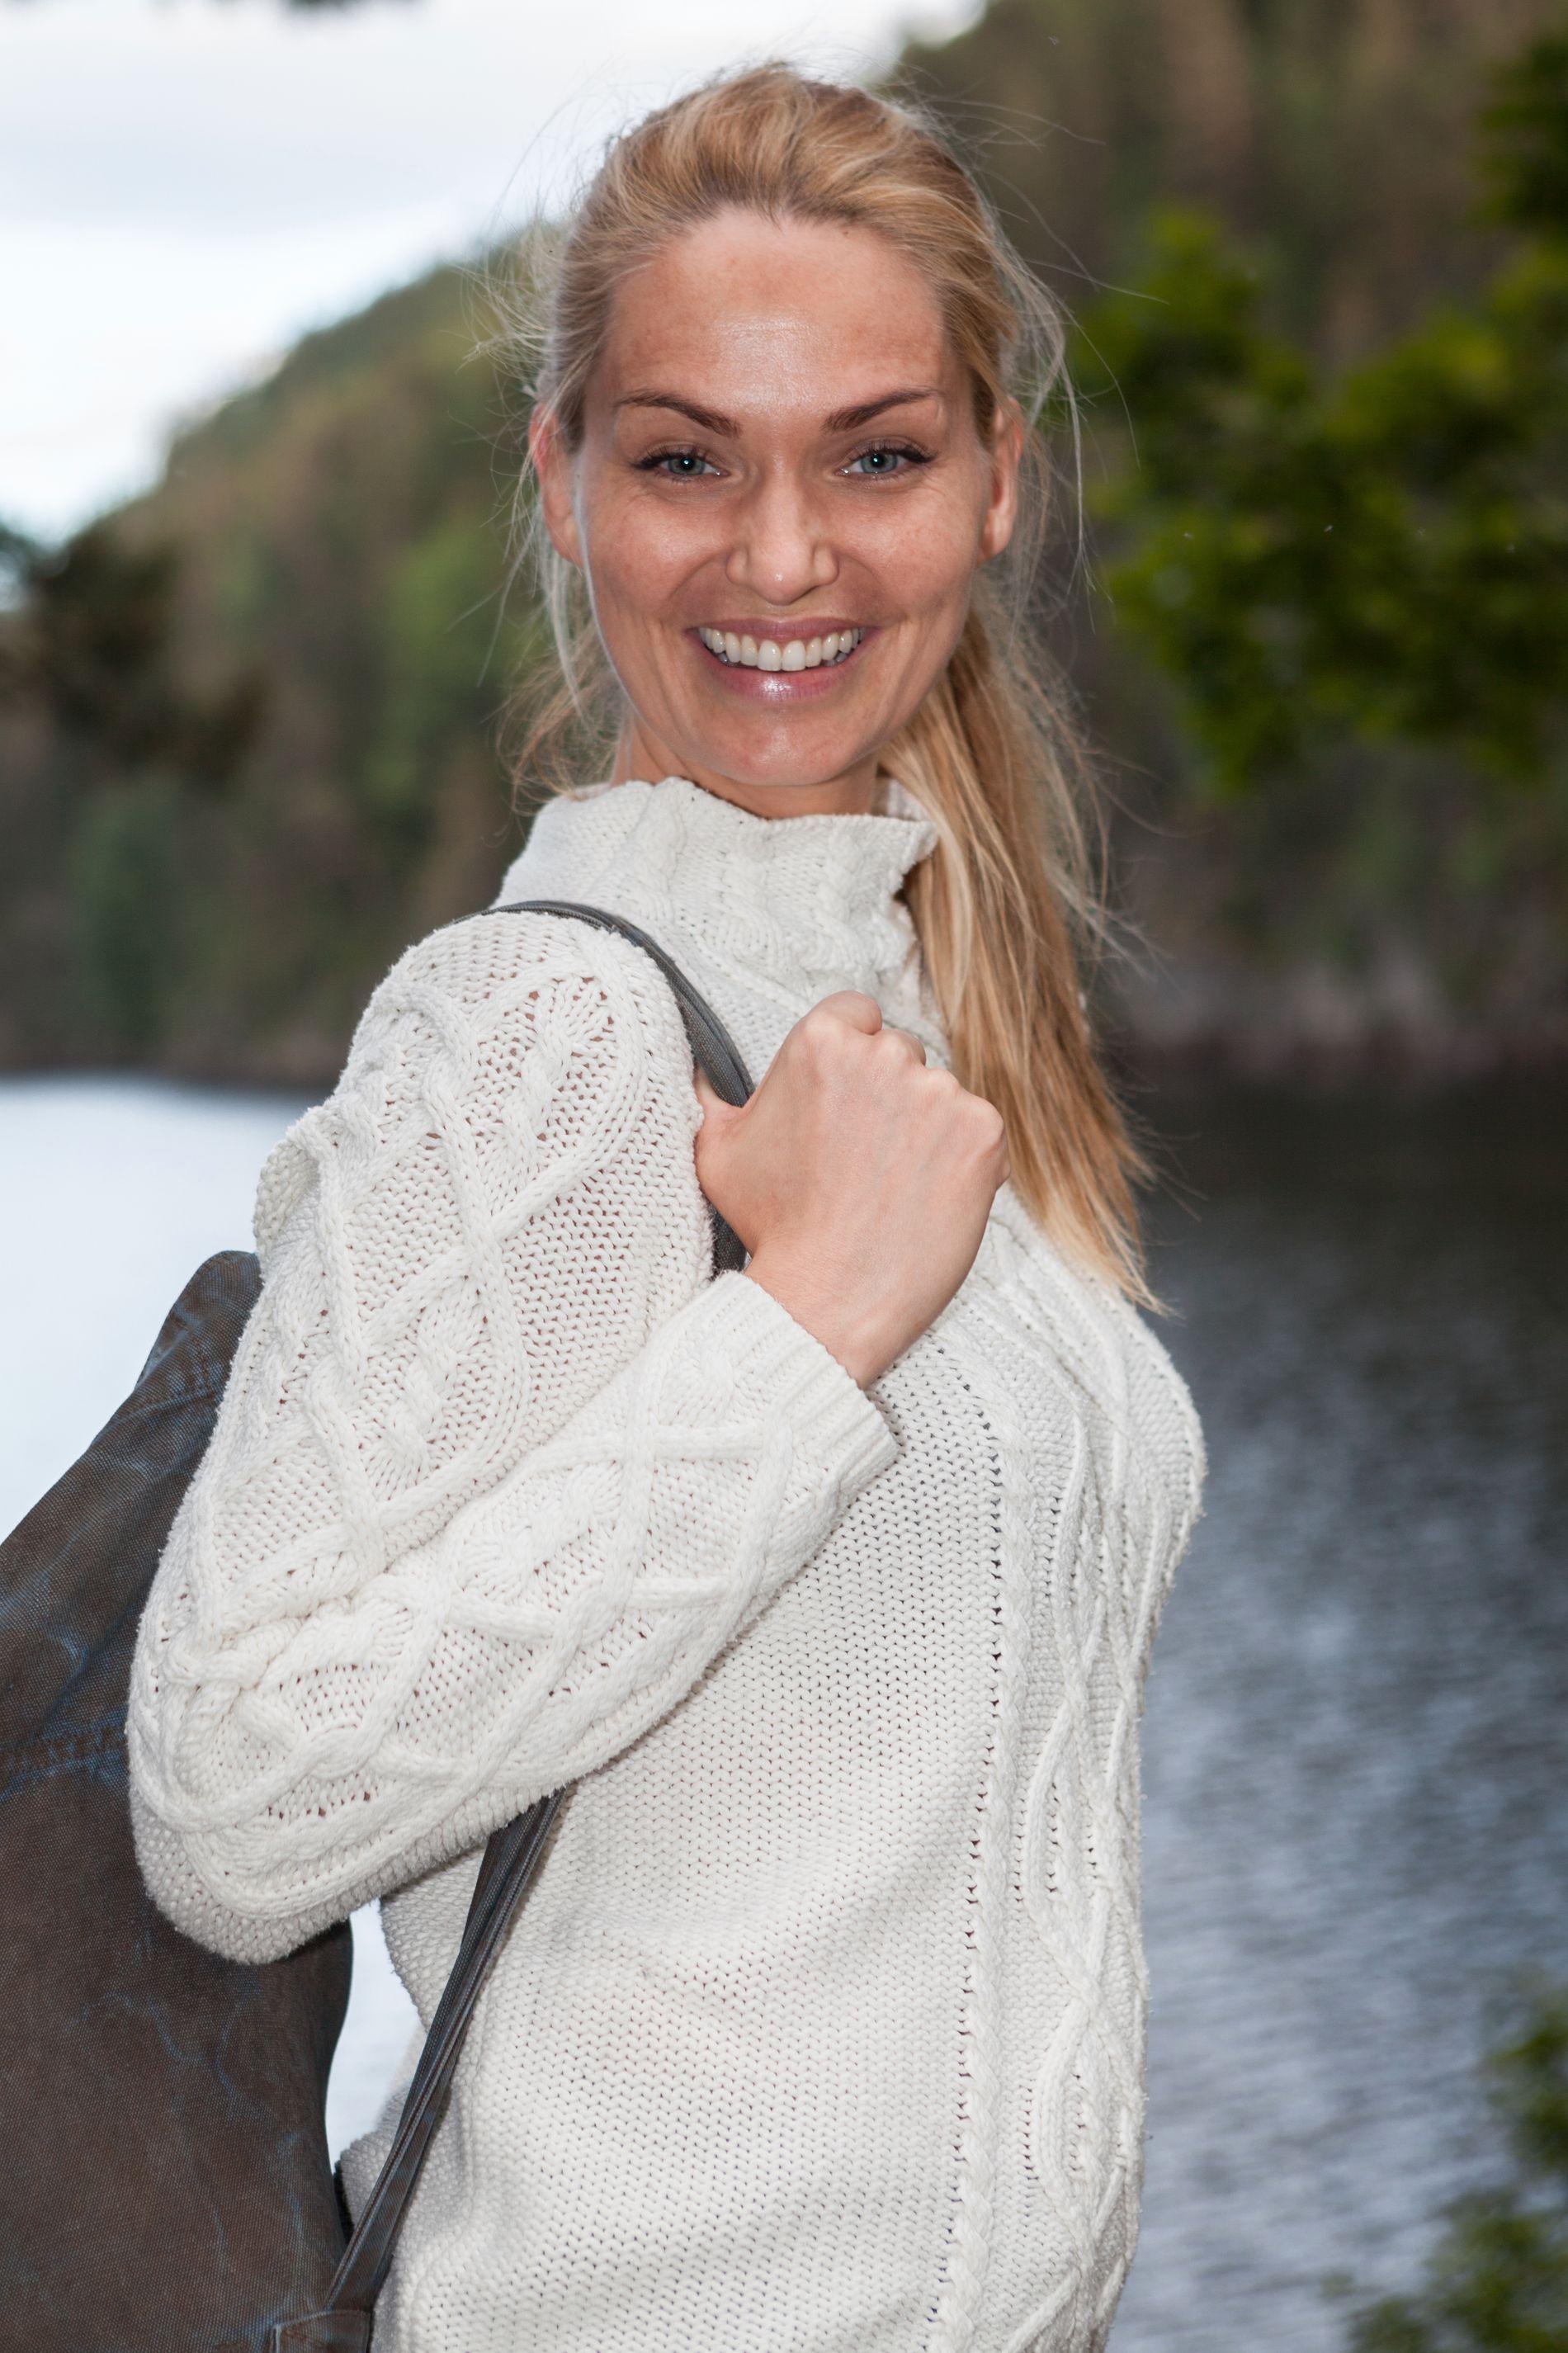 FLYTTER INN: Marna Haugen Burøe er en av utfordrerne i «Farmen kjendis».